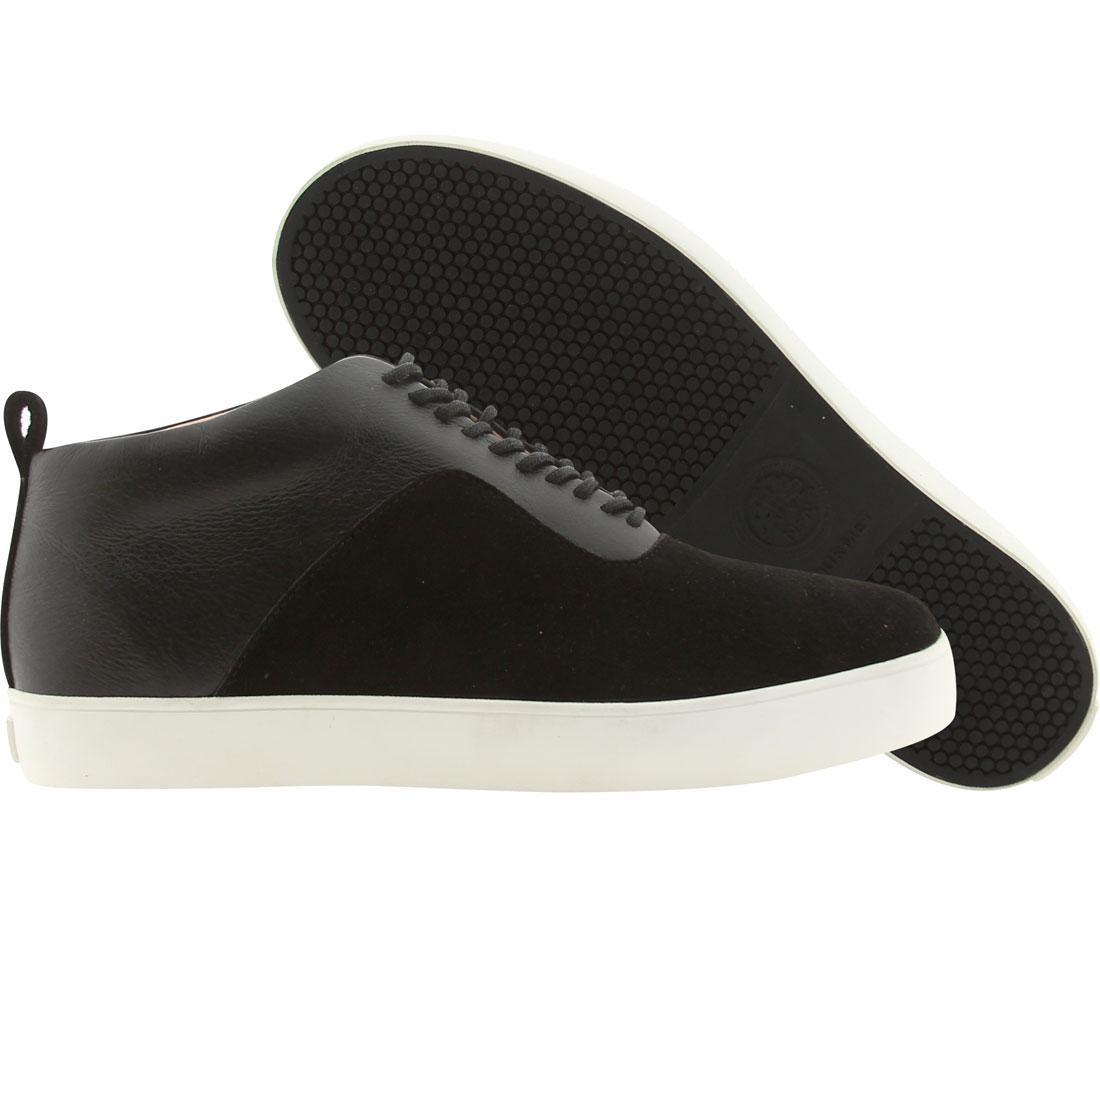 【海外限定】グルメ スニーカー メンズ靴 【 GOURMET THE 24 L BLACK WHITE 】